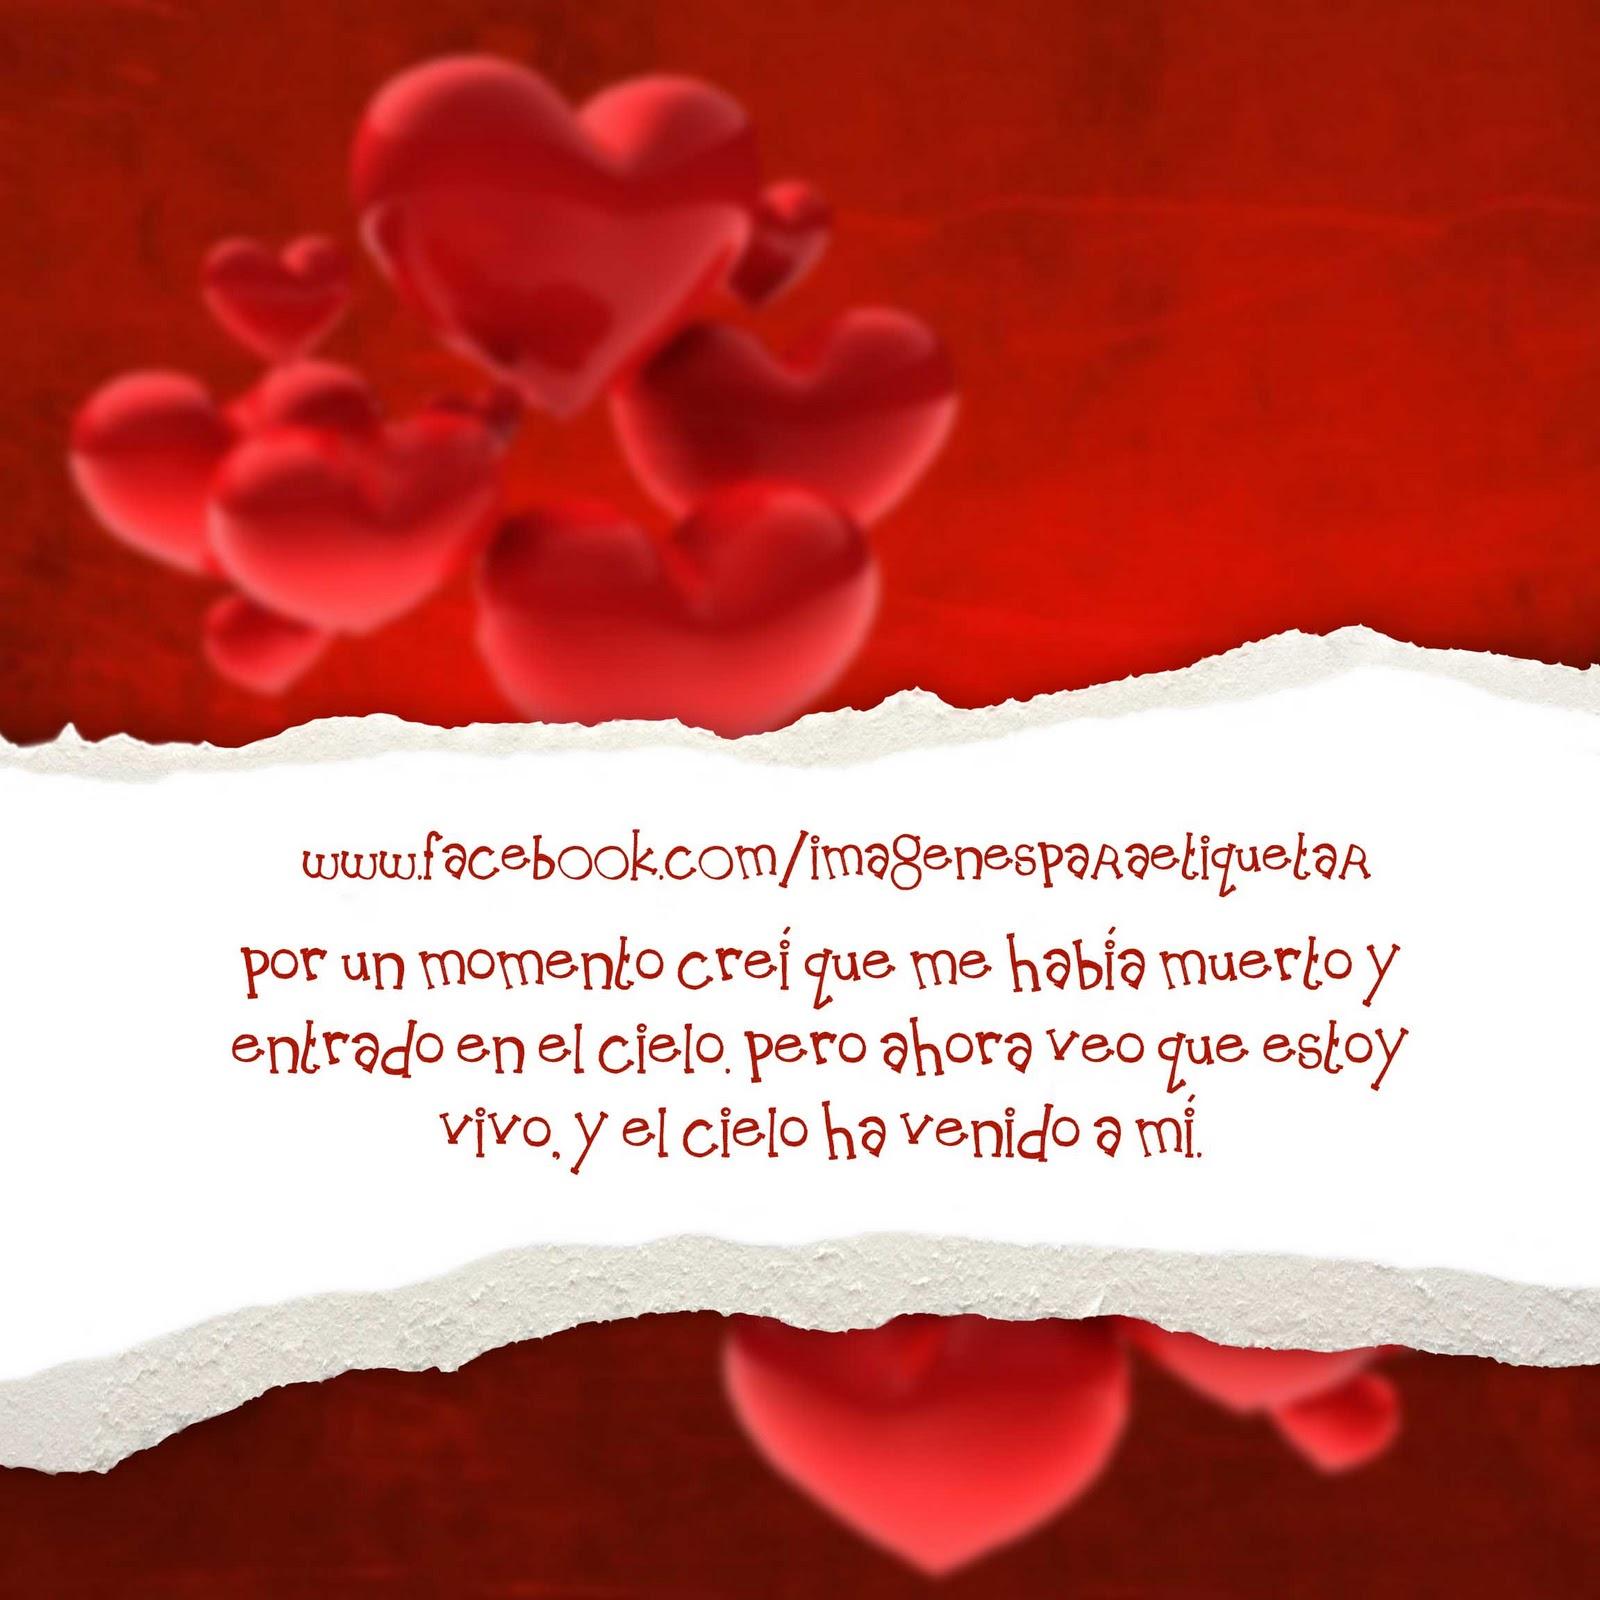 14 De Febrero Tarjetas Gratis